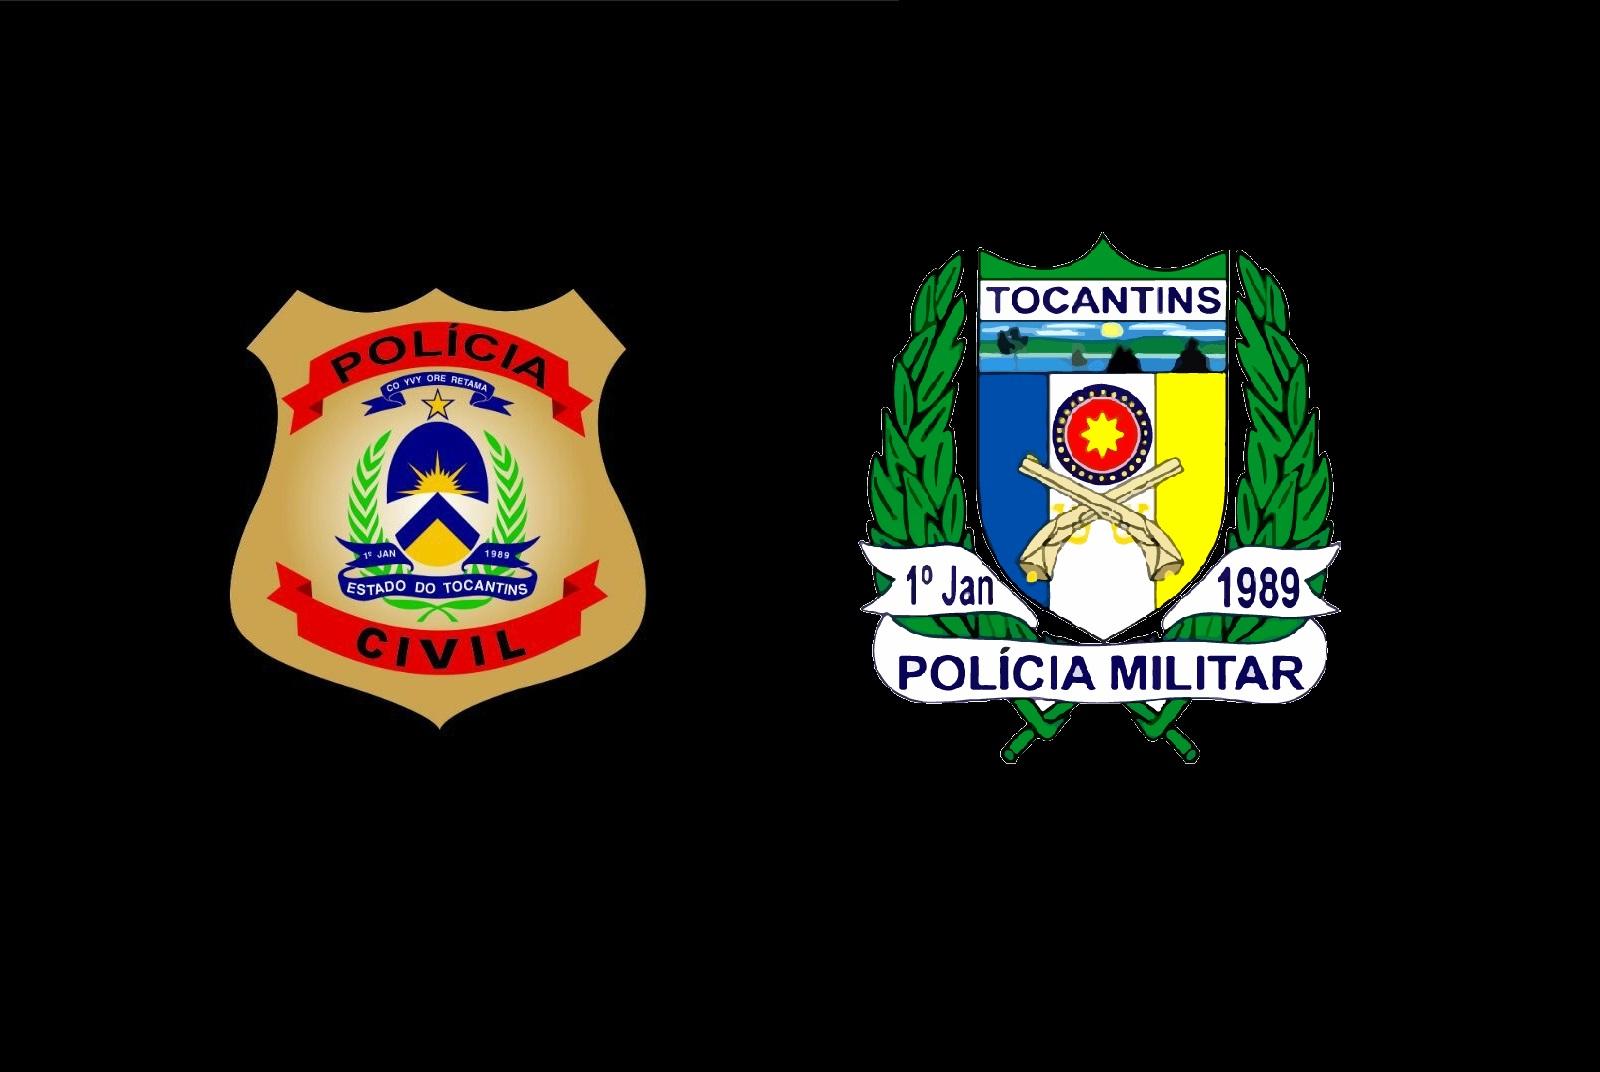 Ação conjunta das policias civis e militares culmina com a recuperação de objetos roubados/furtados e apreensão de adolescente